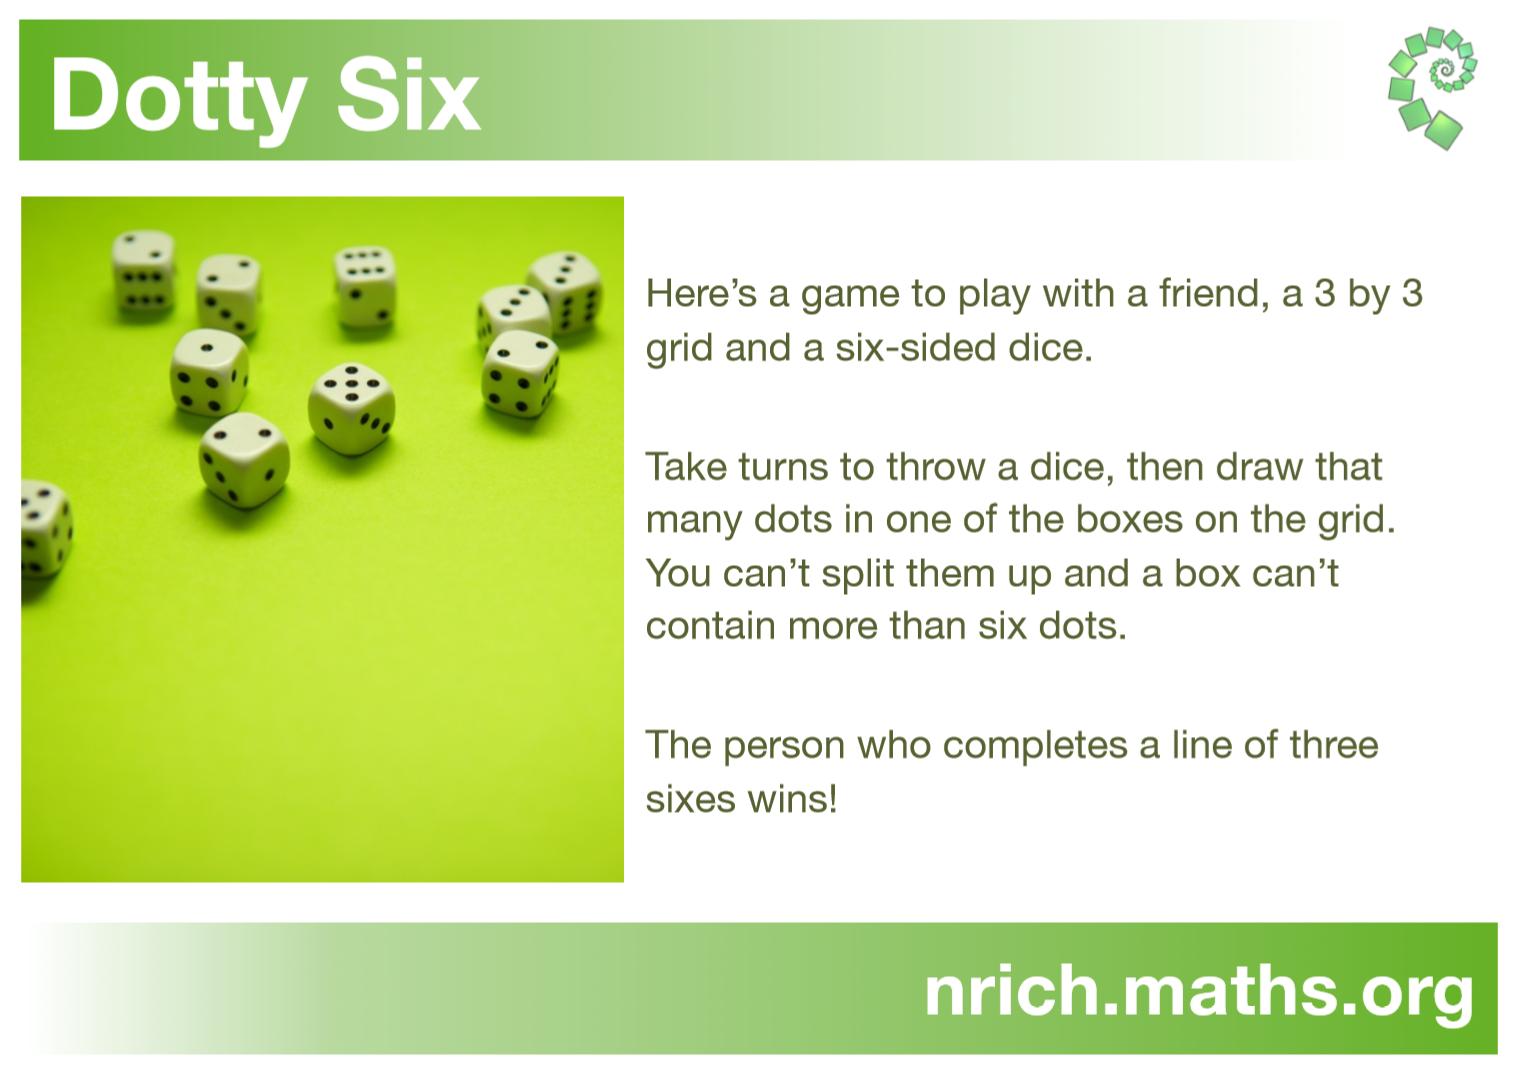 Dotty Six Poster : nrich.maths.org